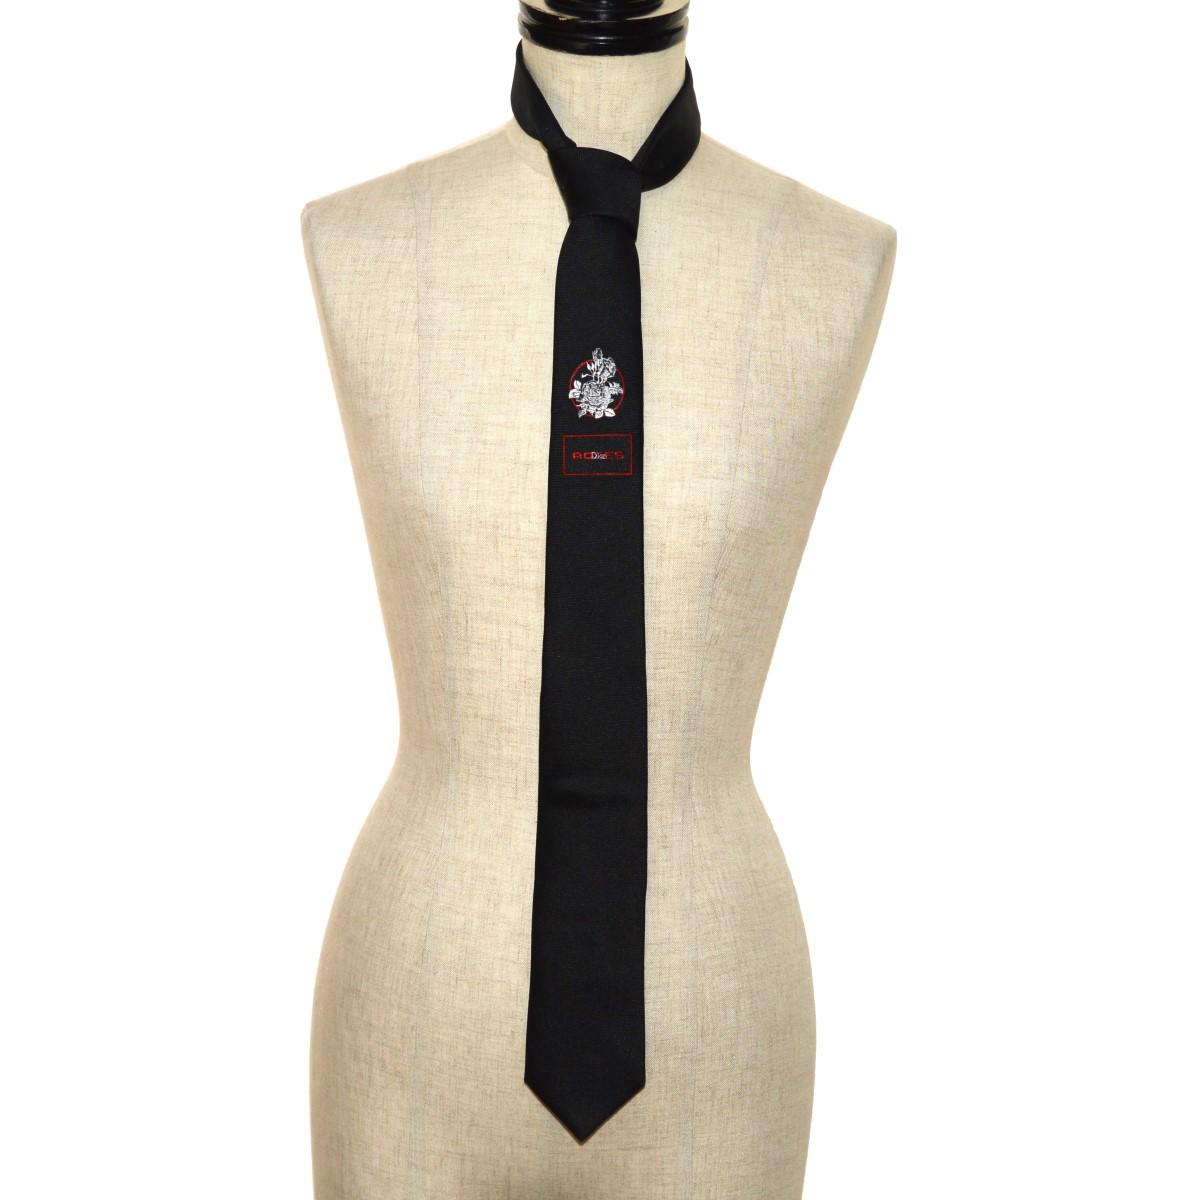 【中古】Dior Homme ROSES tie ネクタイ ブラック 【150420】(ディオールオム)